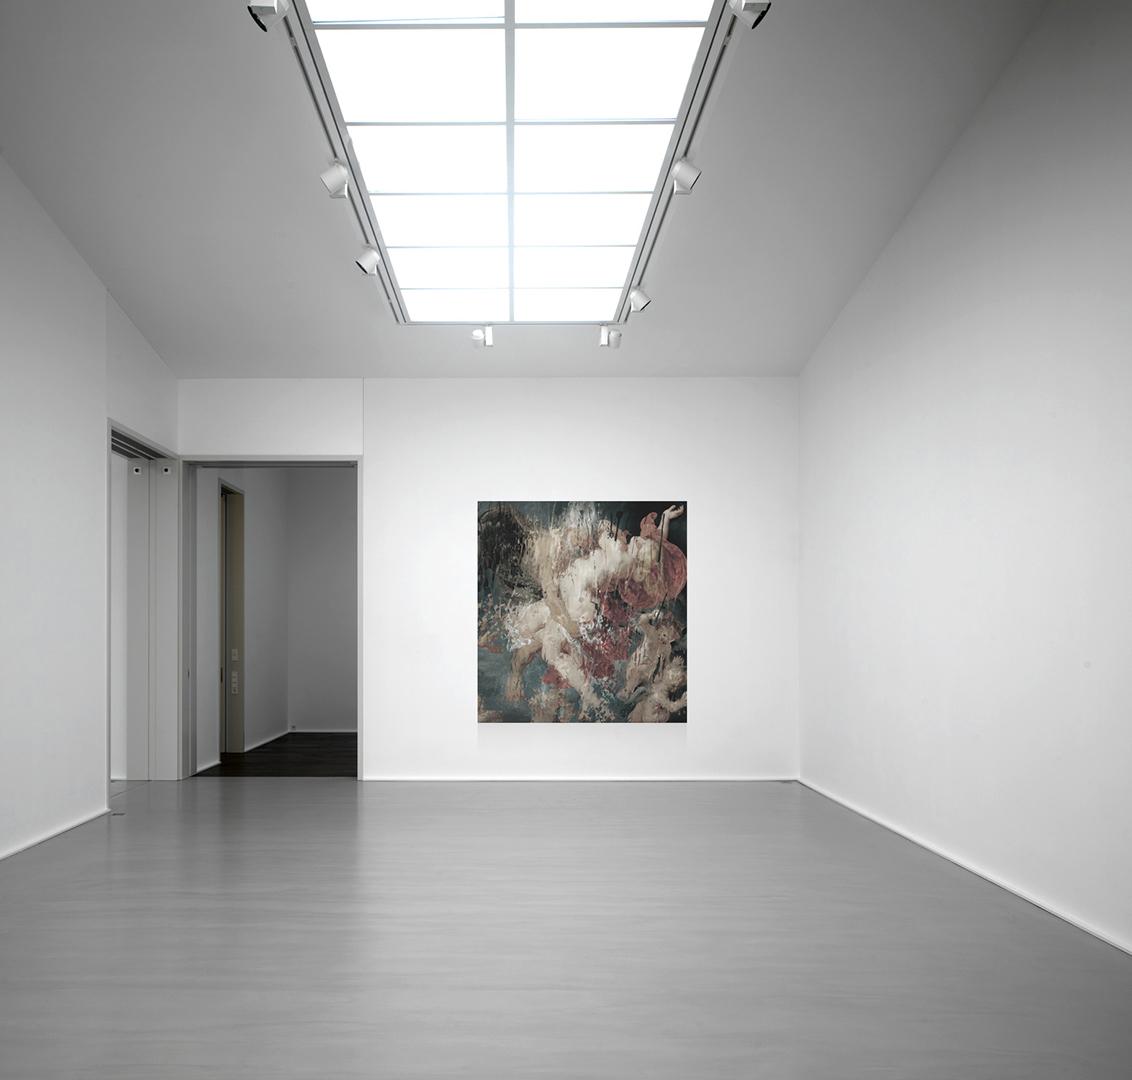 Galerie-Schoenewald-und-Beuse-04